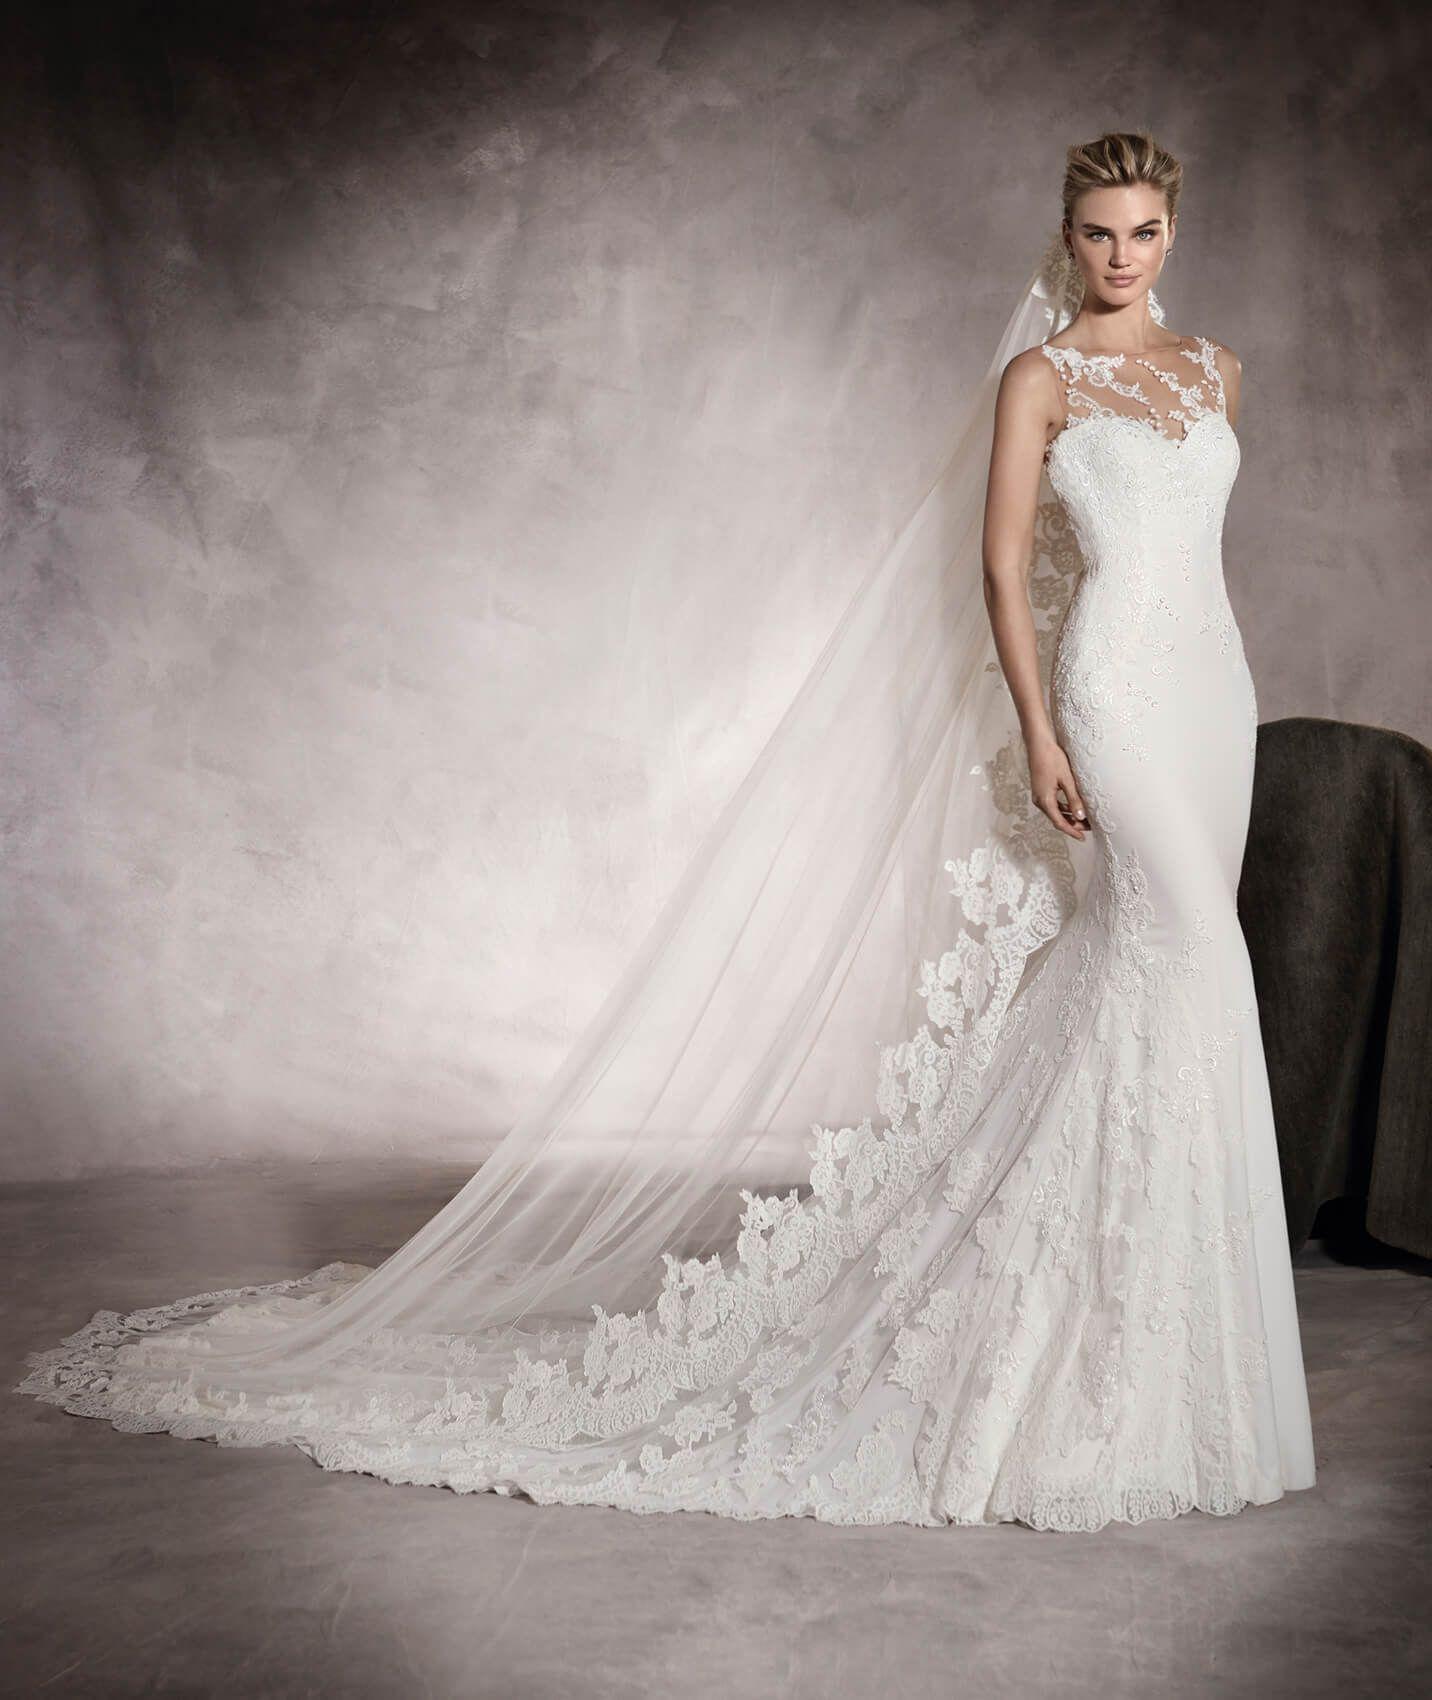 Nett Hochzeitskleid Häuser Portland Oregon Ideen - Brautkleider ...